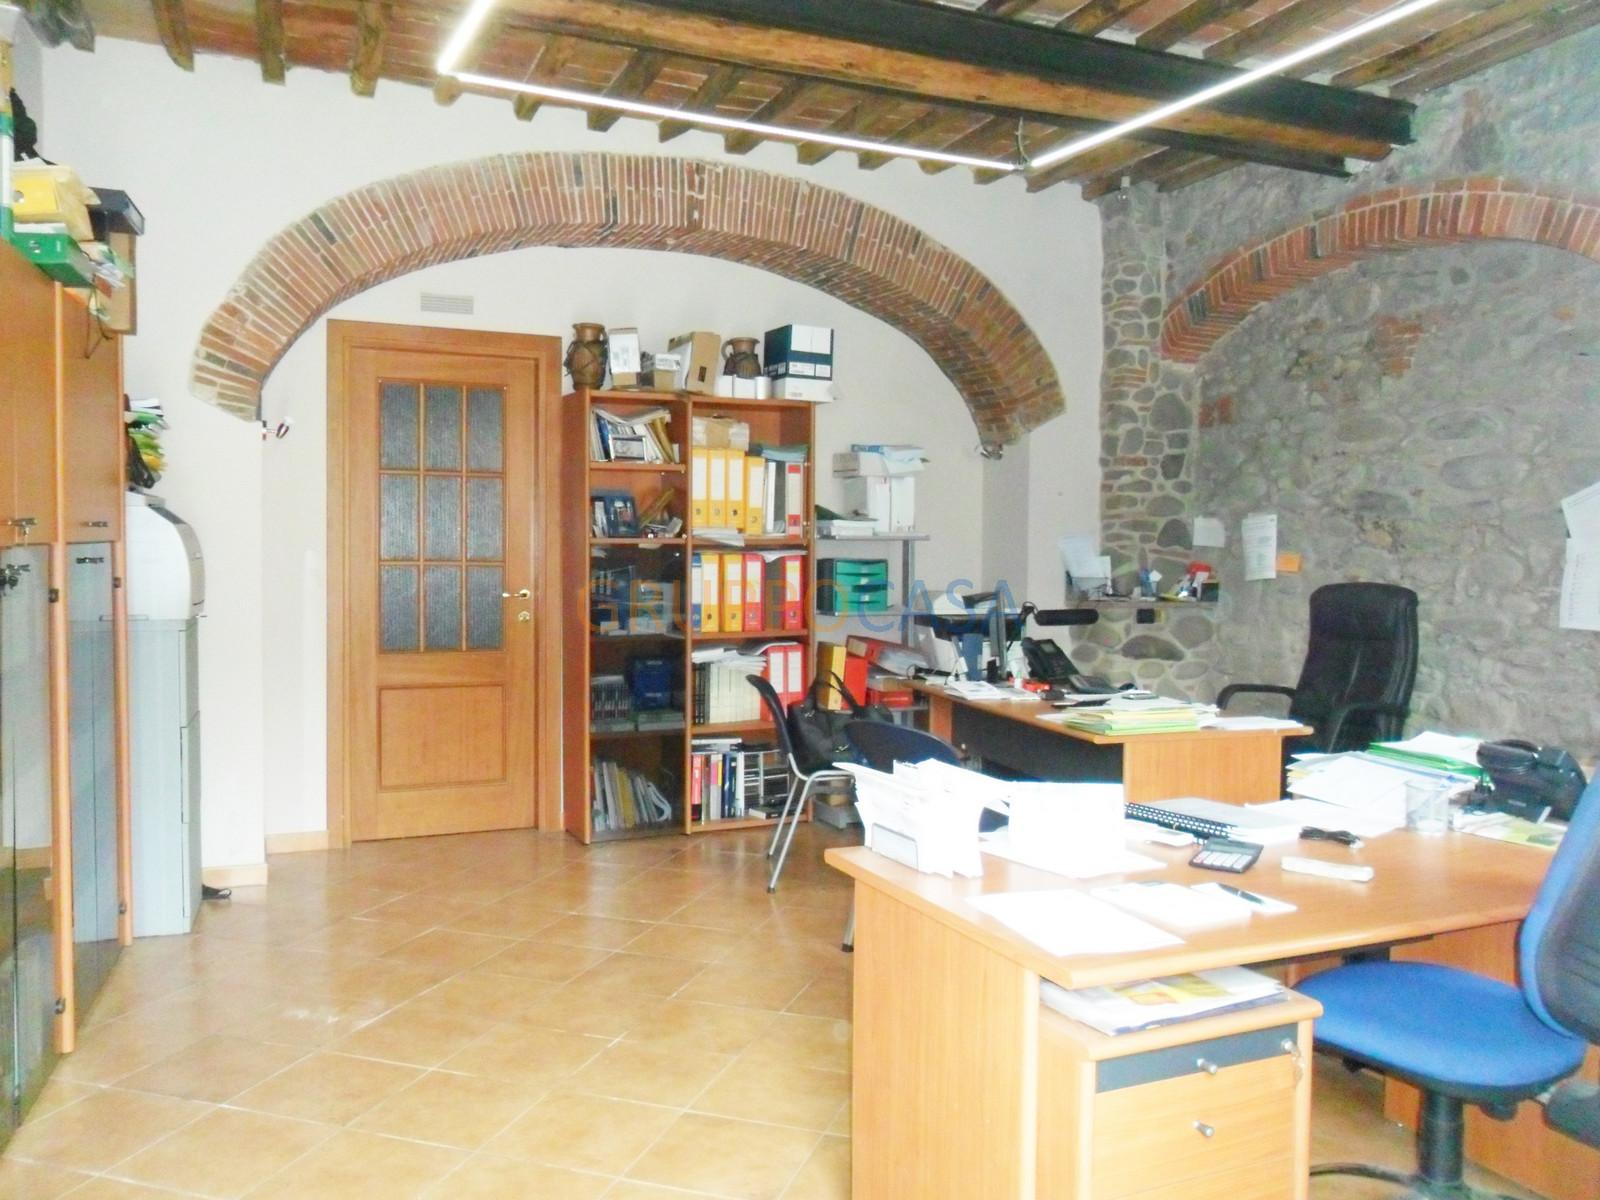 Laboratorio in vendita a Pescia, 9999 locali, zona Località: Centro, prezzo € 75.000 | CambioCasa.it